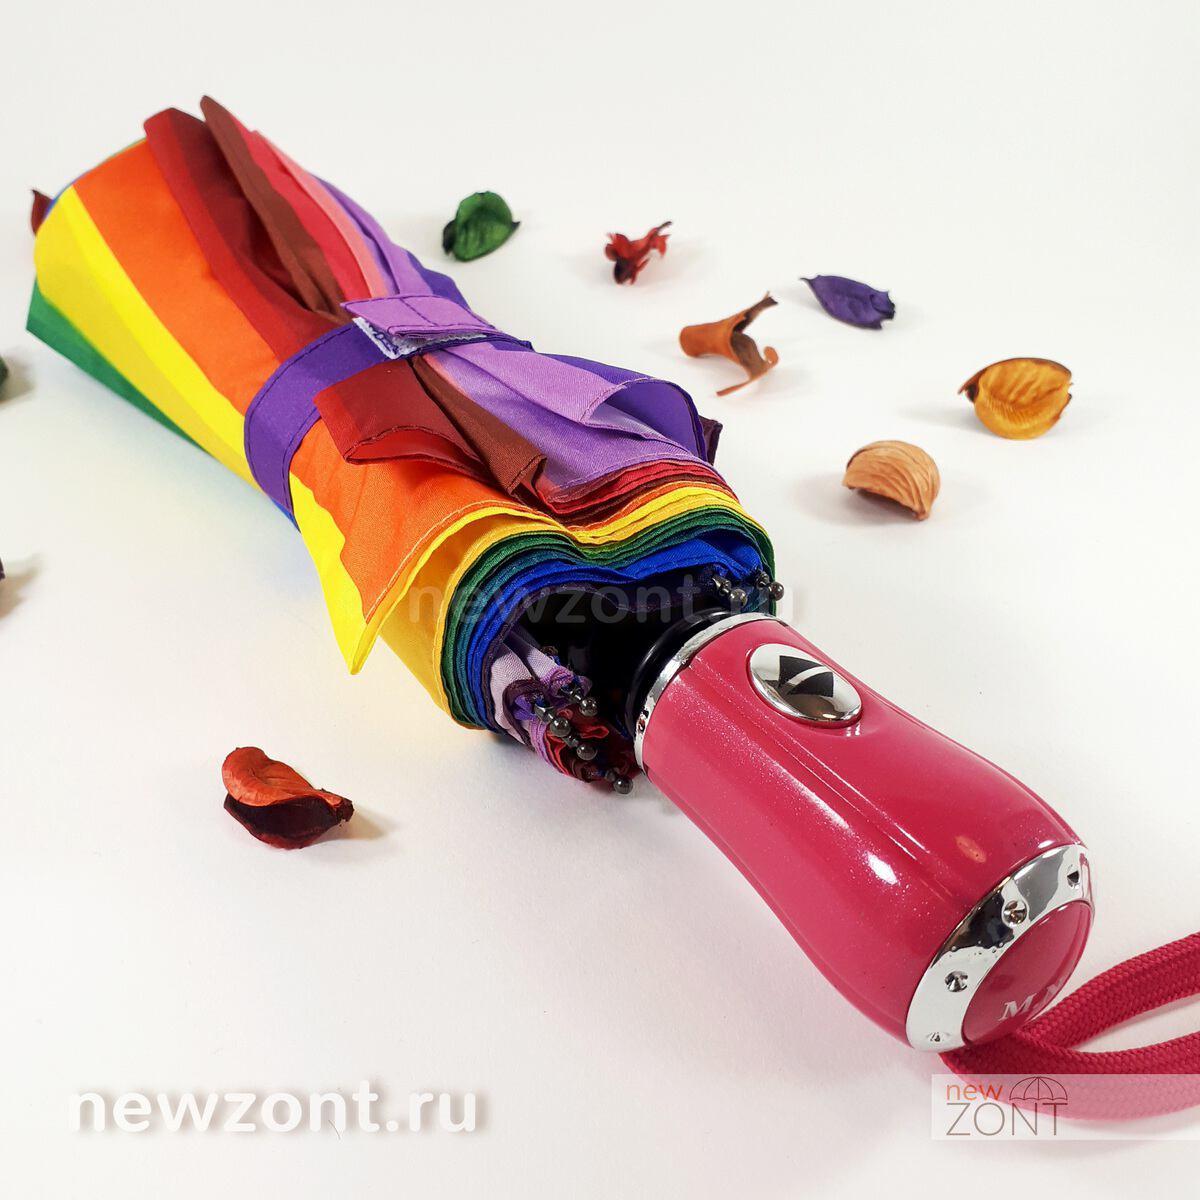 Складной зонт-радуга с тёмно-розовой ручкой